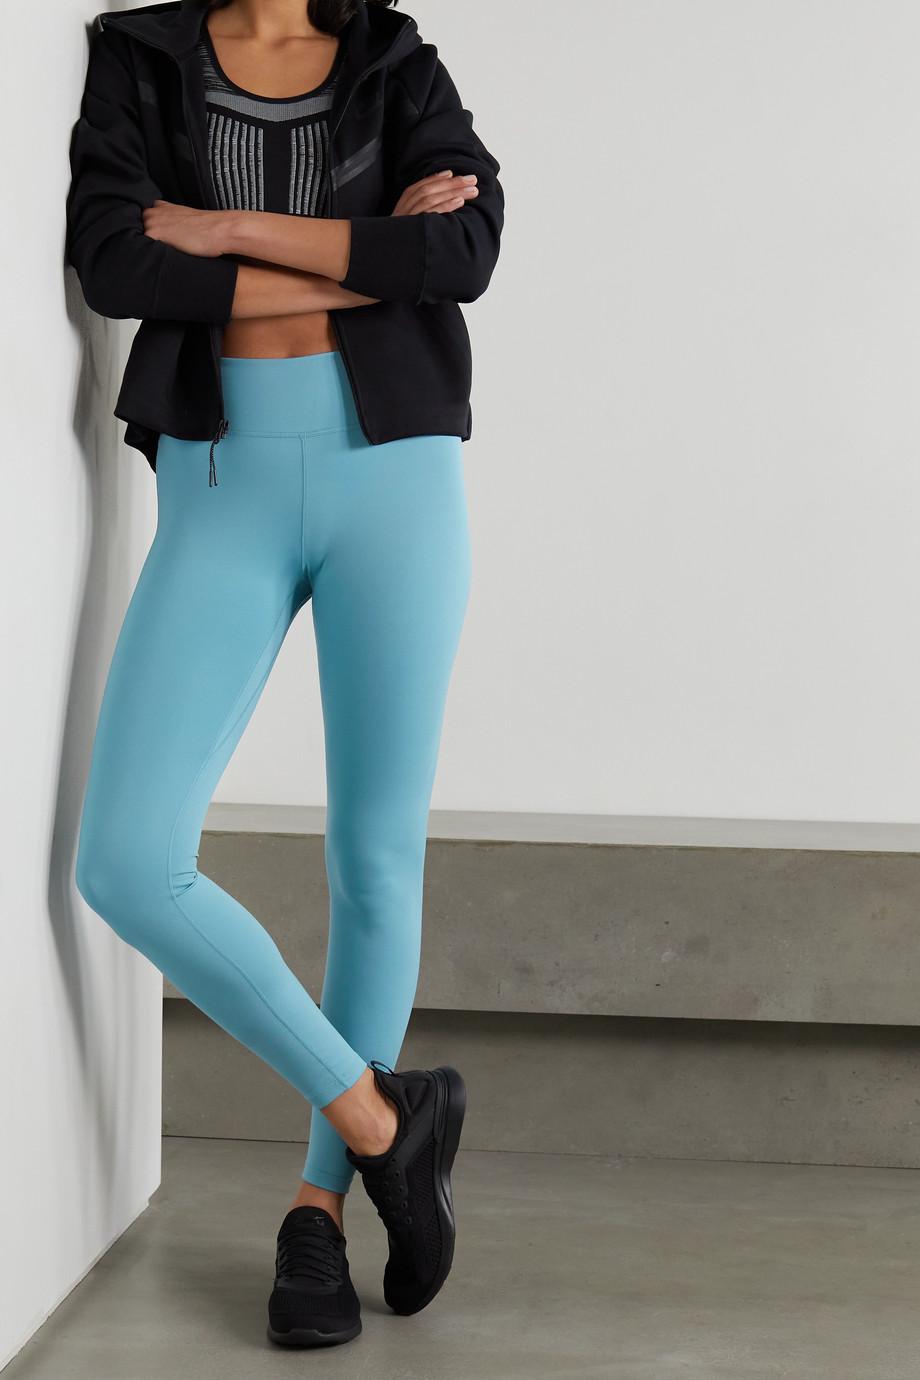 Nike One Dri-FIT leggings